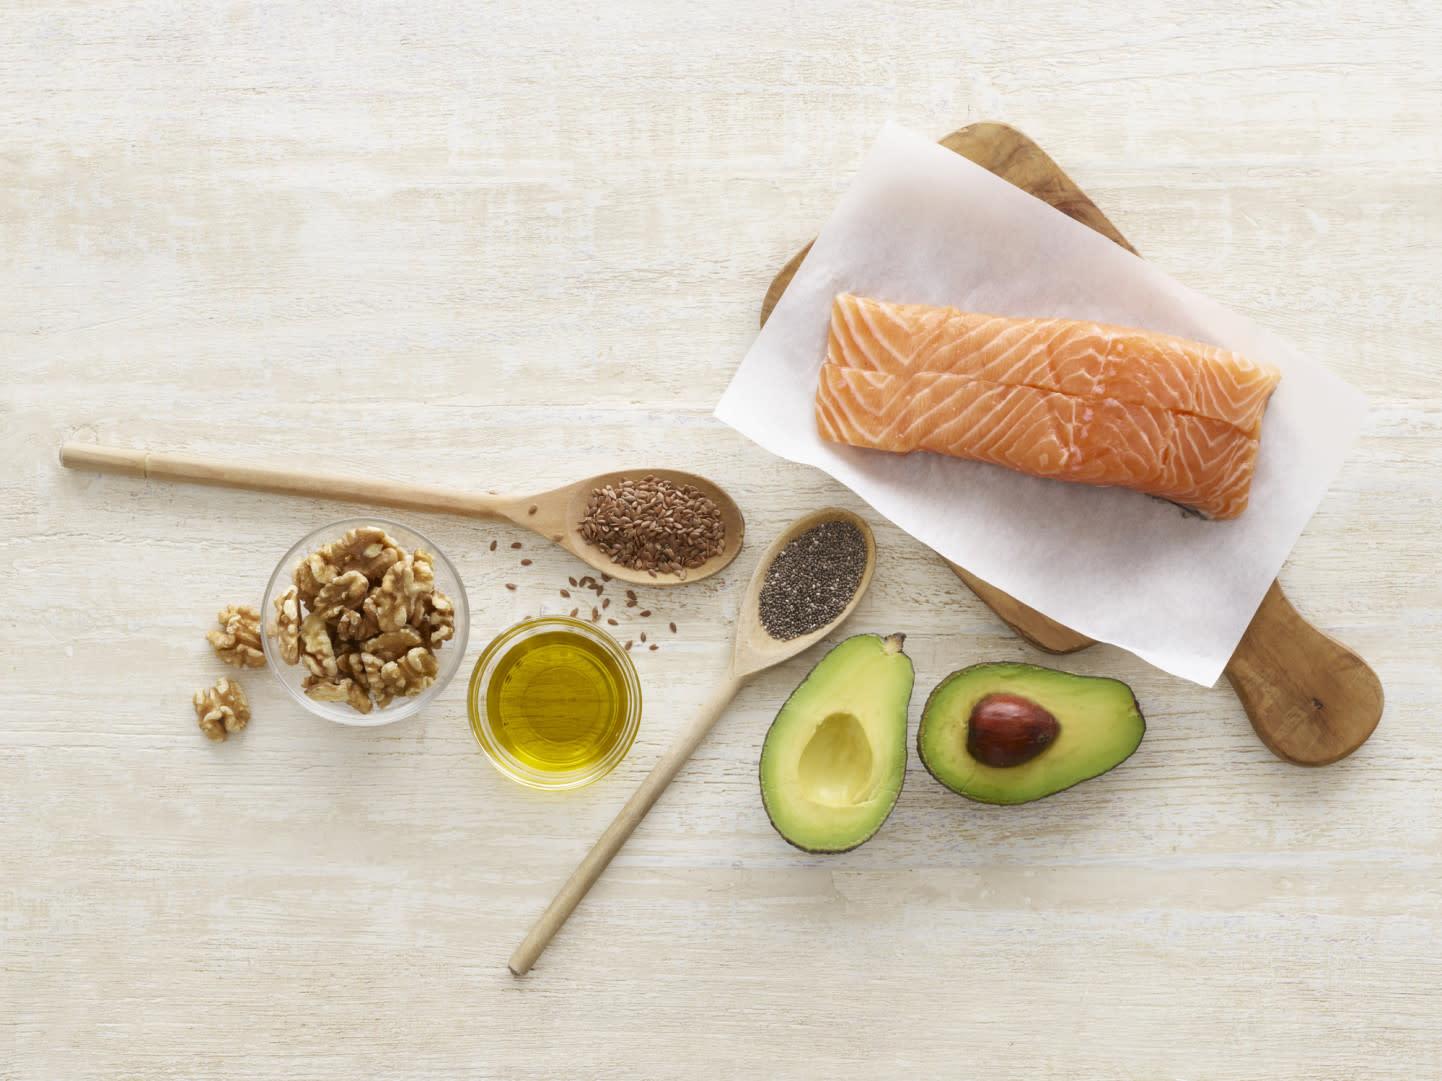 Les 10 aliments pour stimuler les fonctions cérébrales